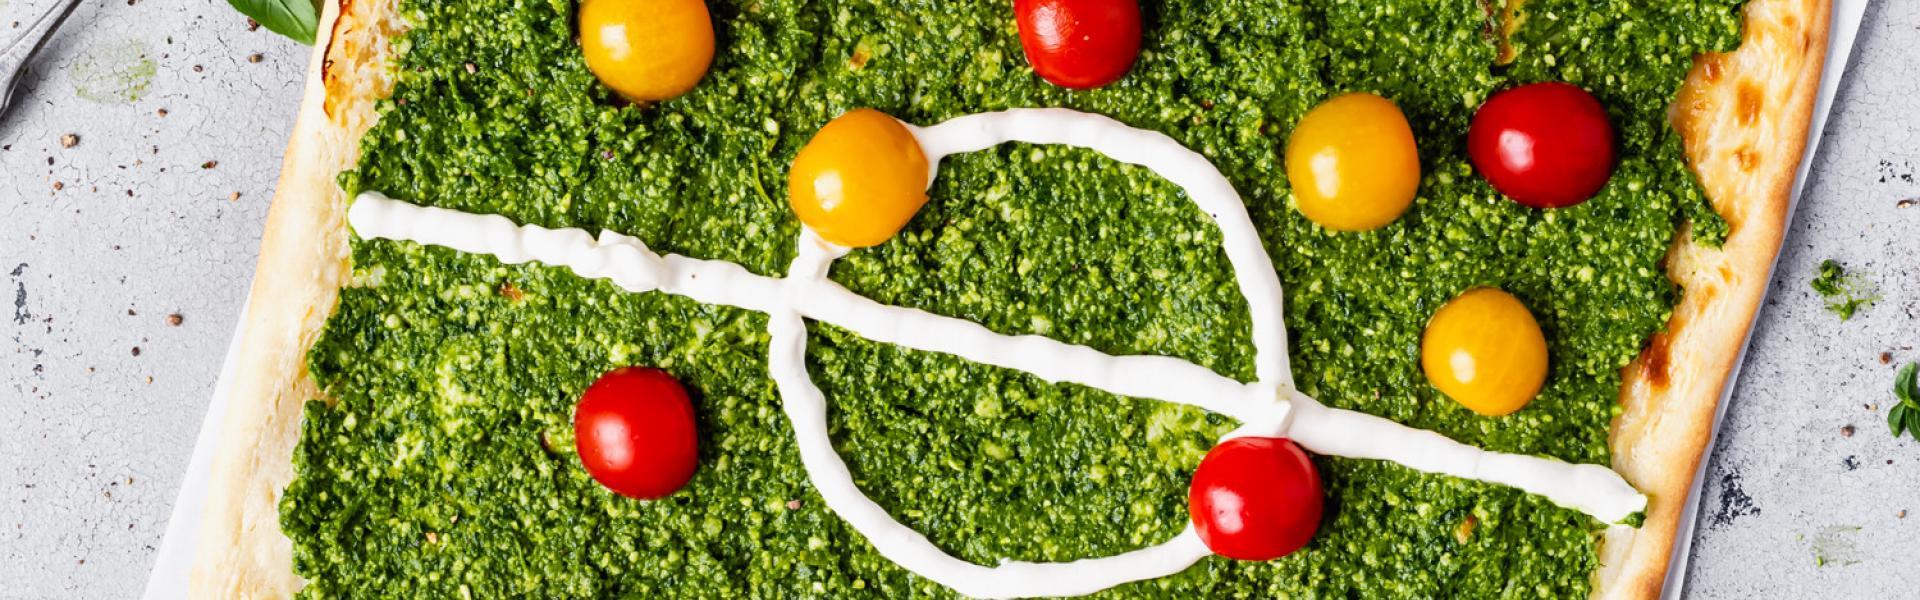 Flammkuchen mit Pesto und Tomaten, das aussieht wie ein Fußballfeld